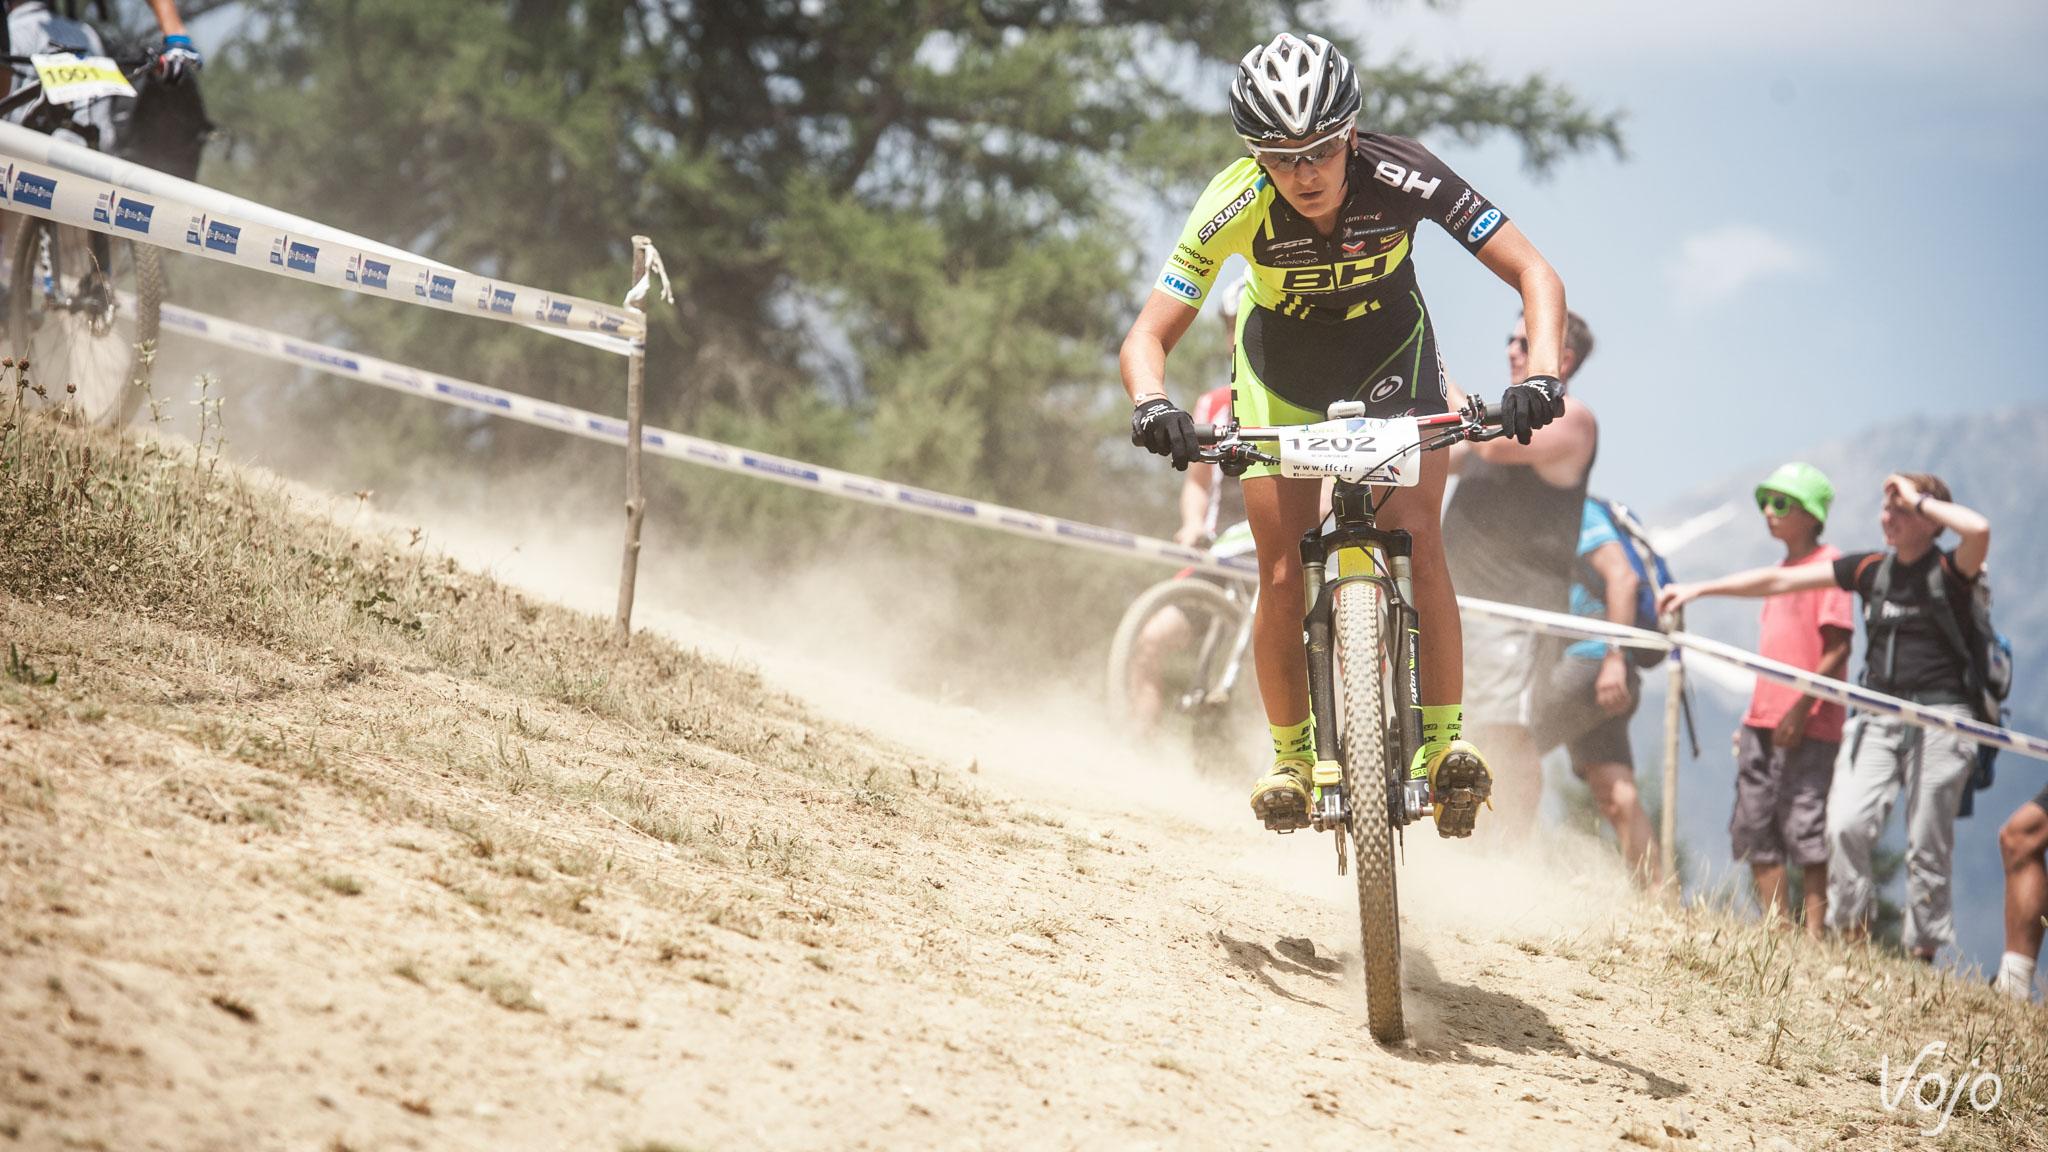 Championnats-de-france-2015-Oz-XC-resulats-2